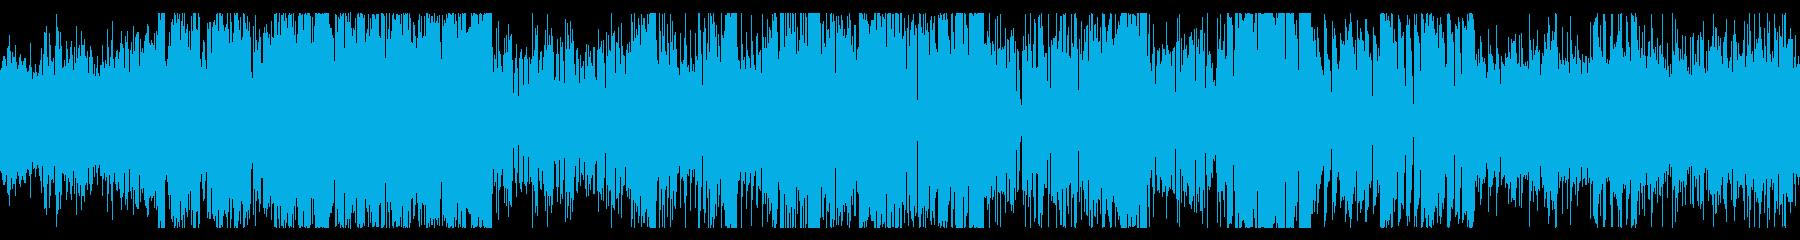 サイバーパンクな屋内にて ループBGMの再生済みの波形